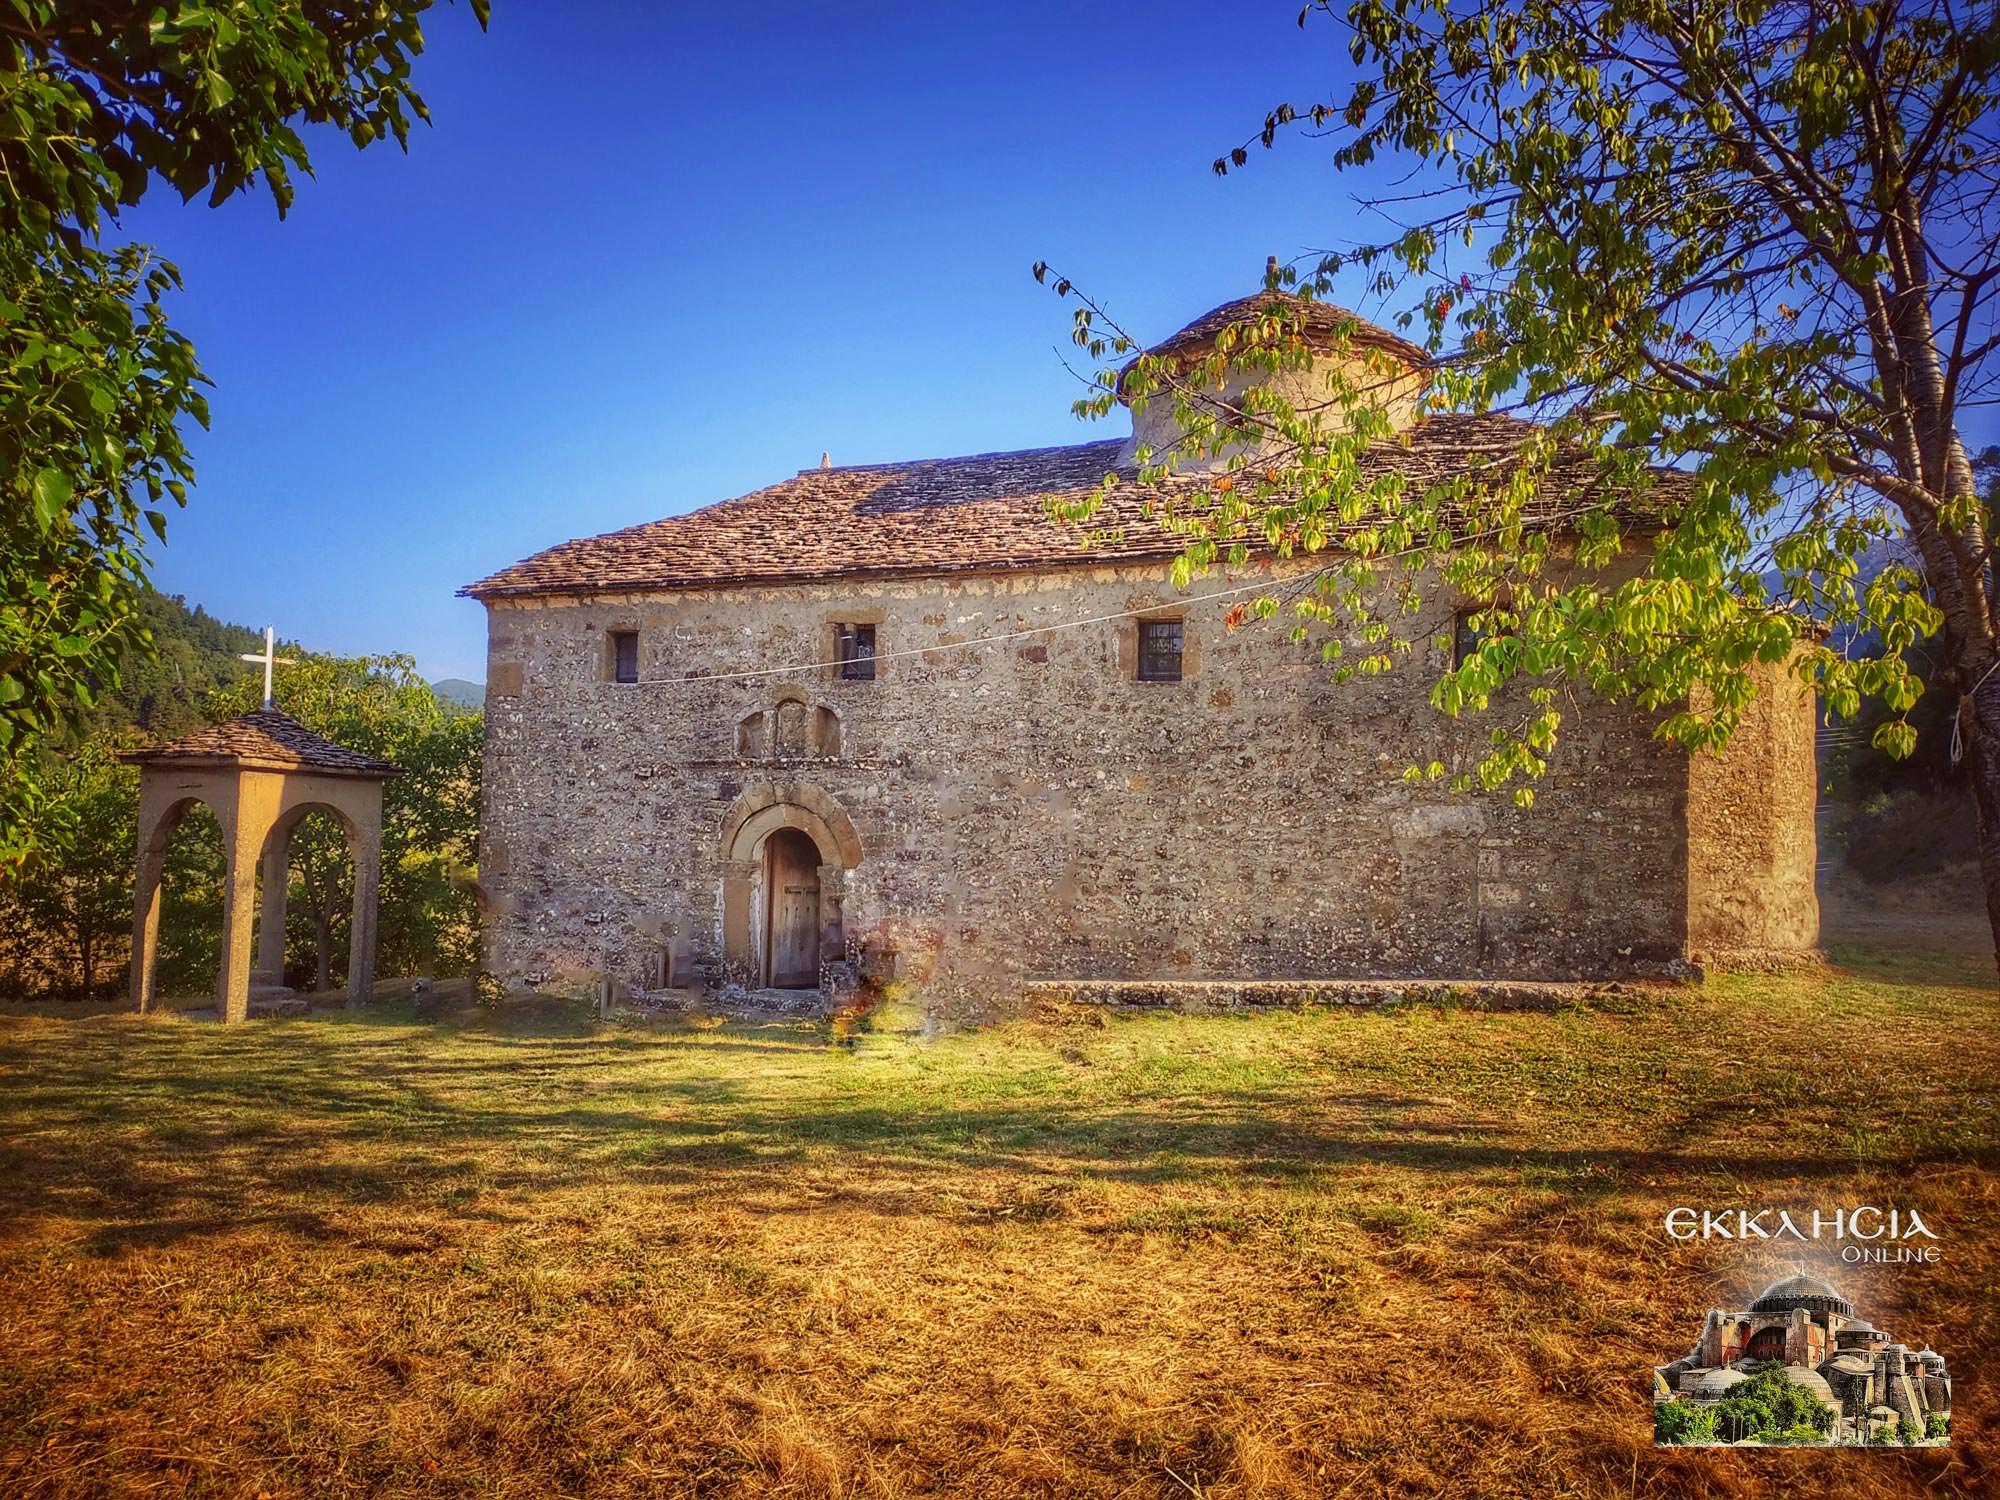 ιστορικό μοναστήρι που γεννήθηκε ο Γεώργιος Καραϊσκάκης